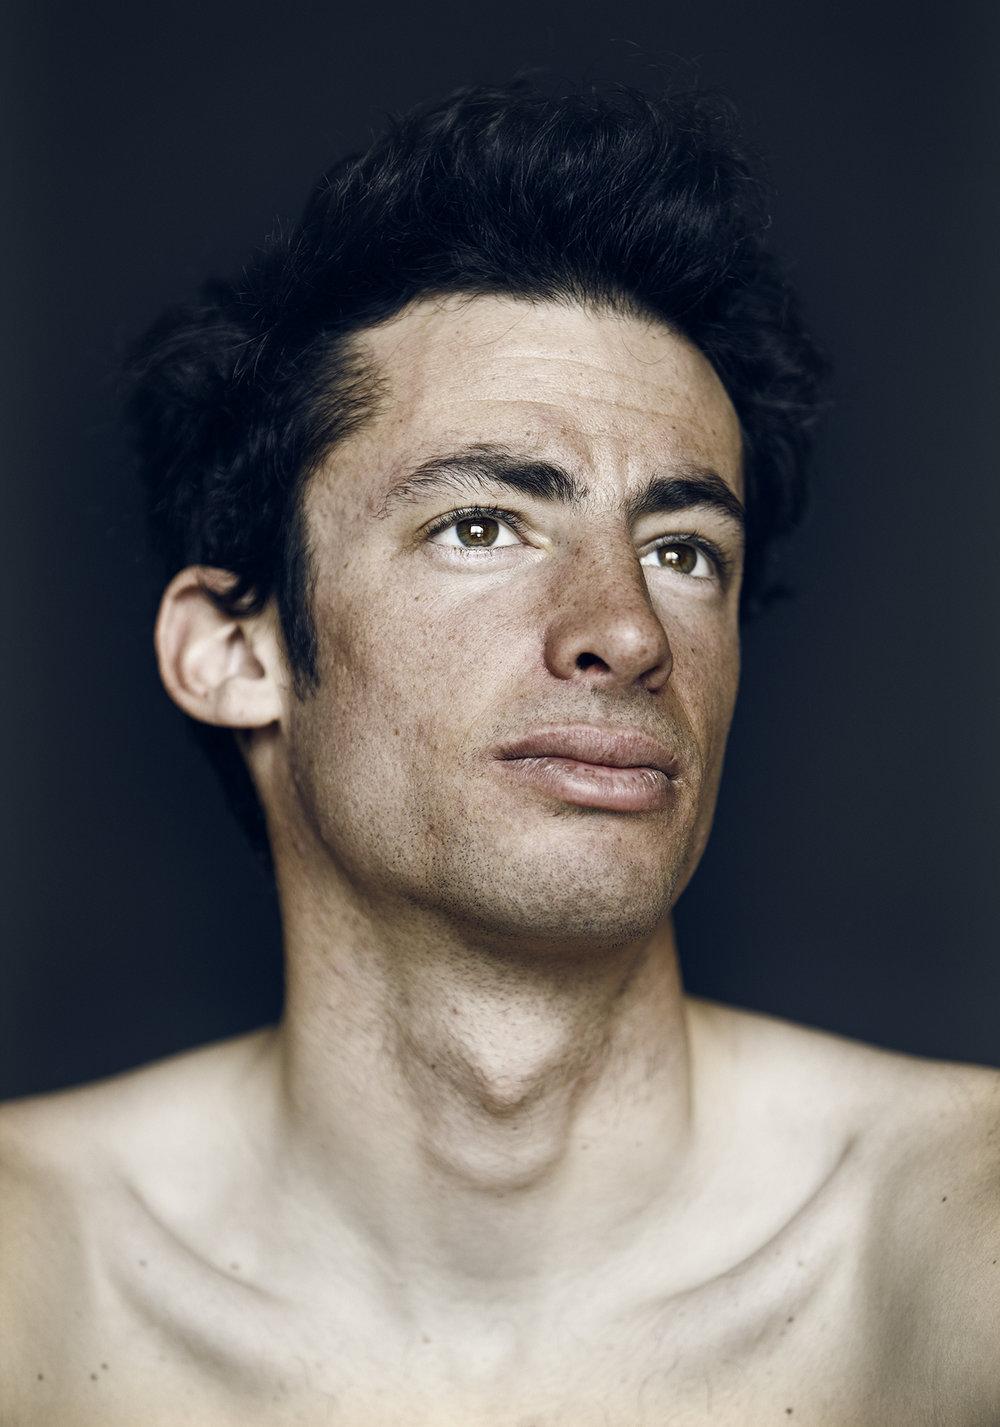 Kilian Jornet Burgada, athlete